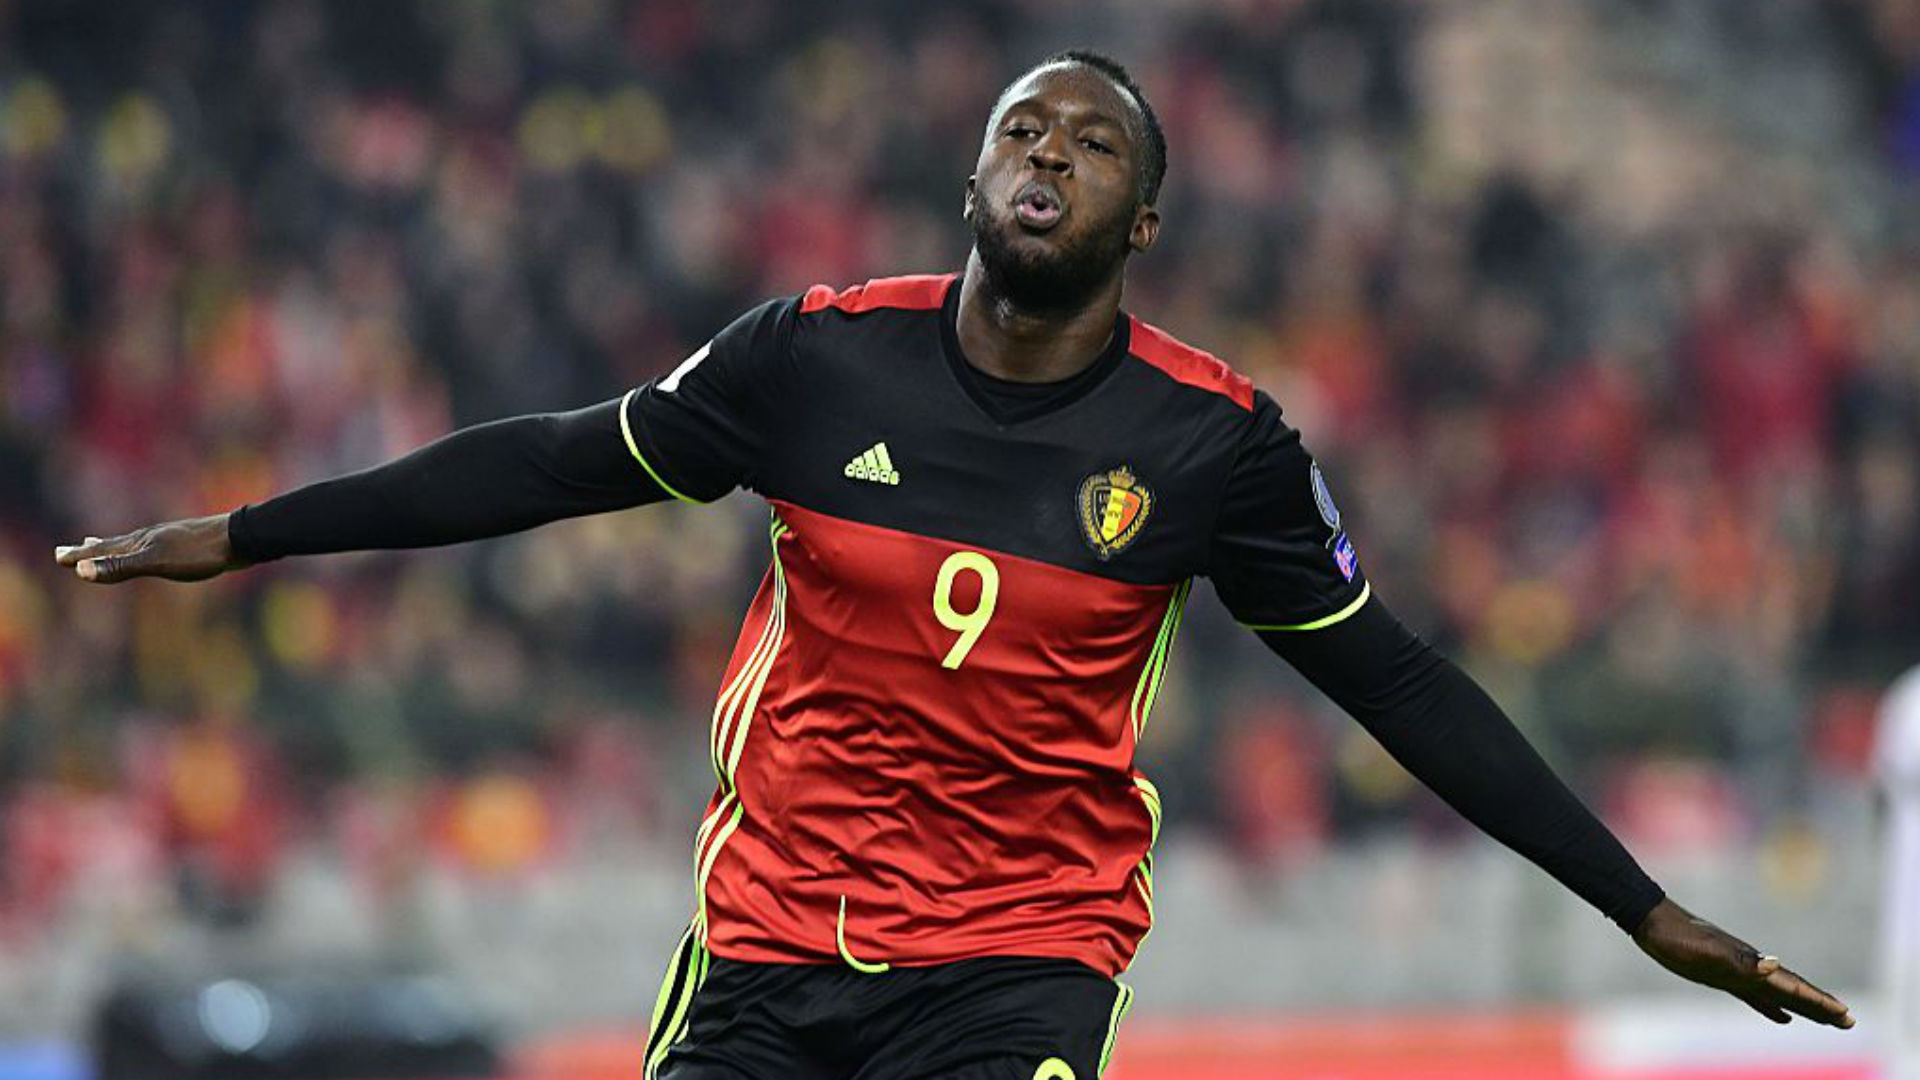 Brussels rout as eight-goal Belgium thrash Estonia